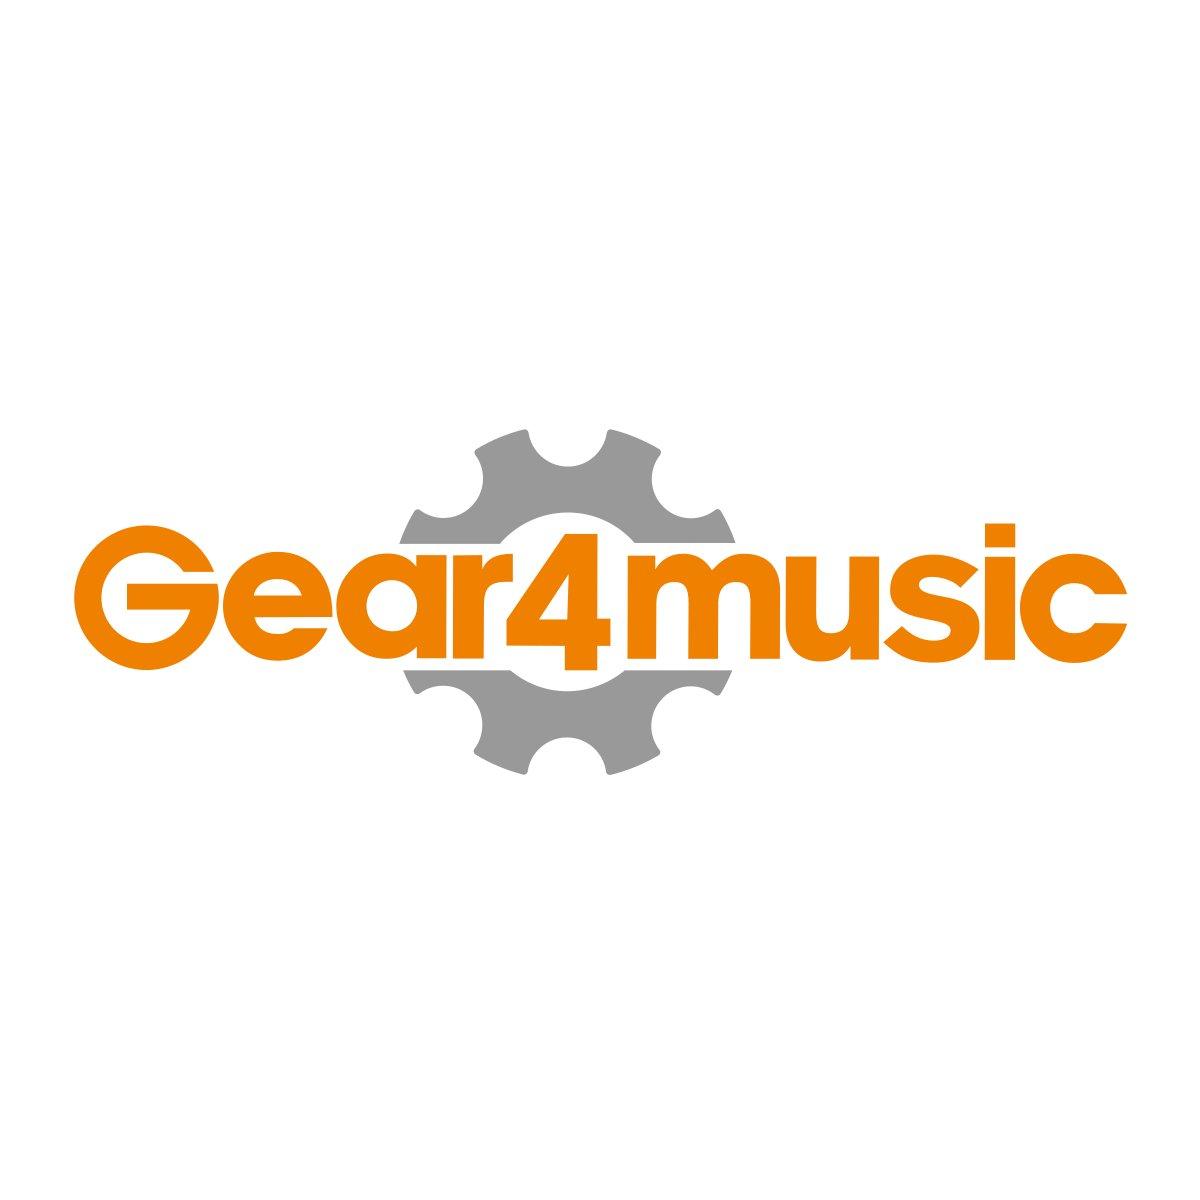 Funda Deluxe para Saxo Alto de Gear4music